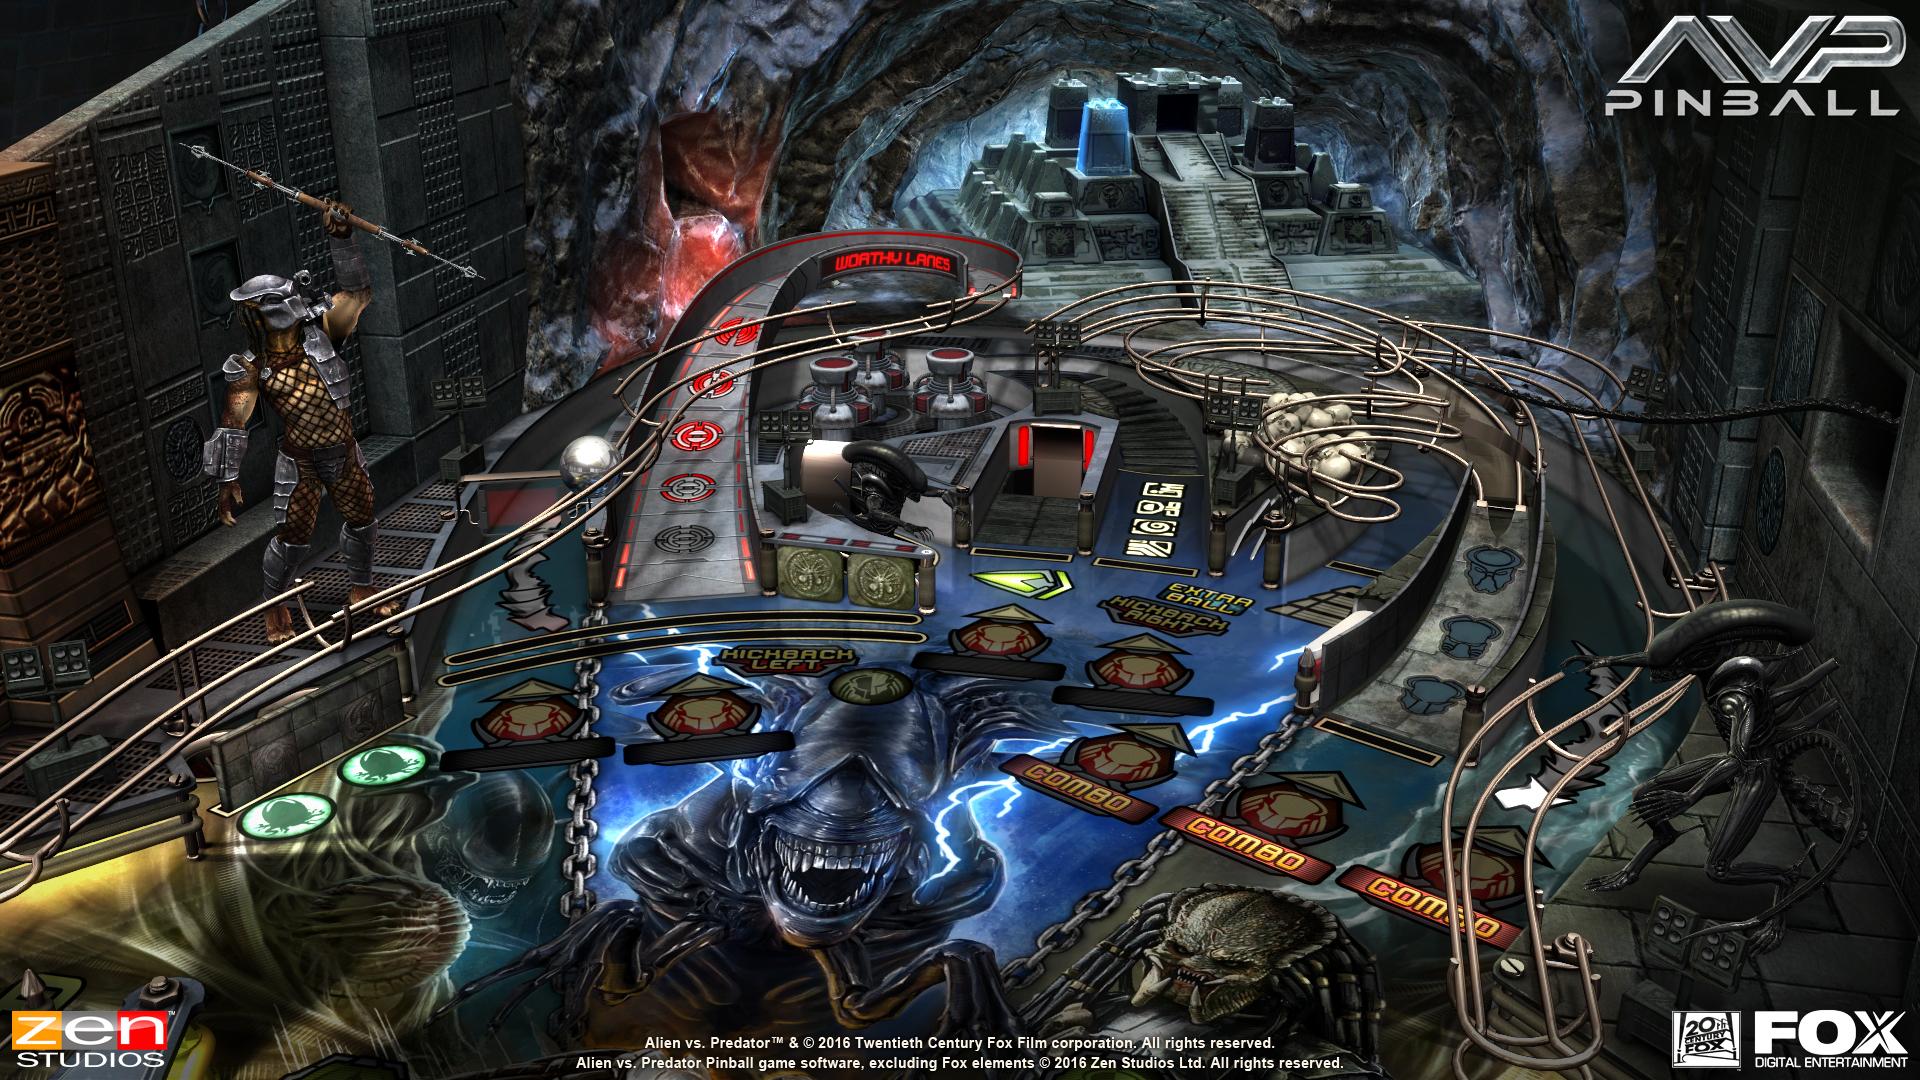 Alien vs Pinball Announcement Screenshot - 6